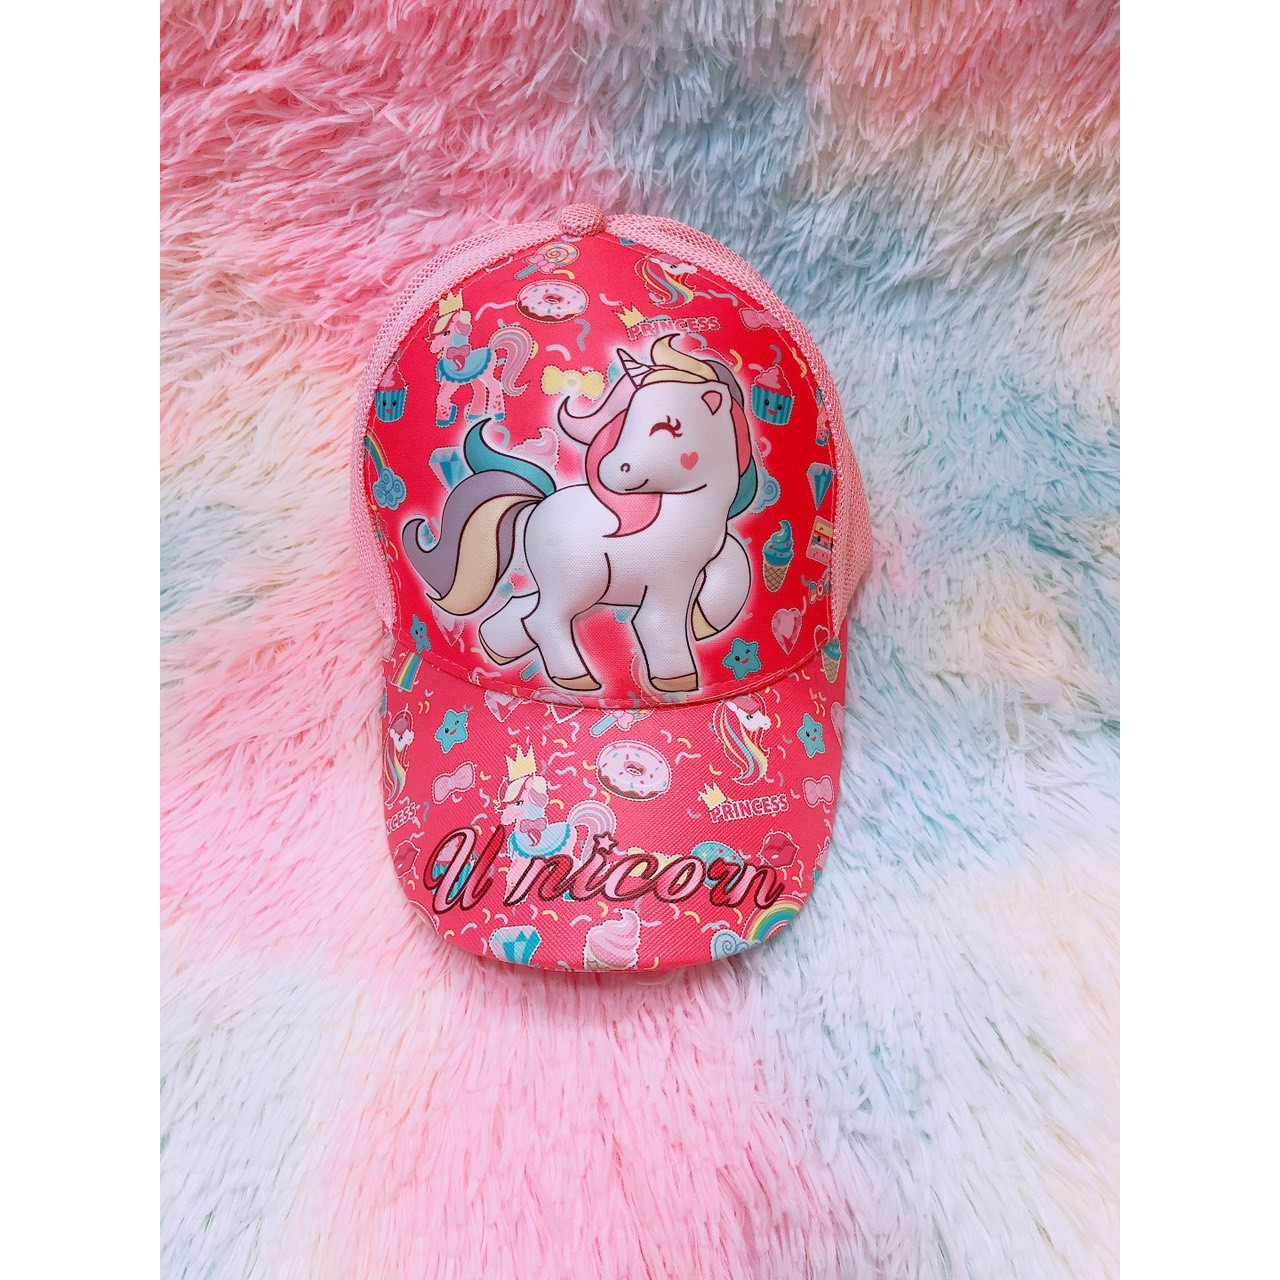 Nón 3D cho bé Unicorn hồng